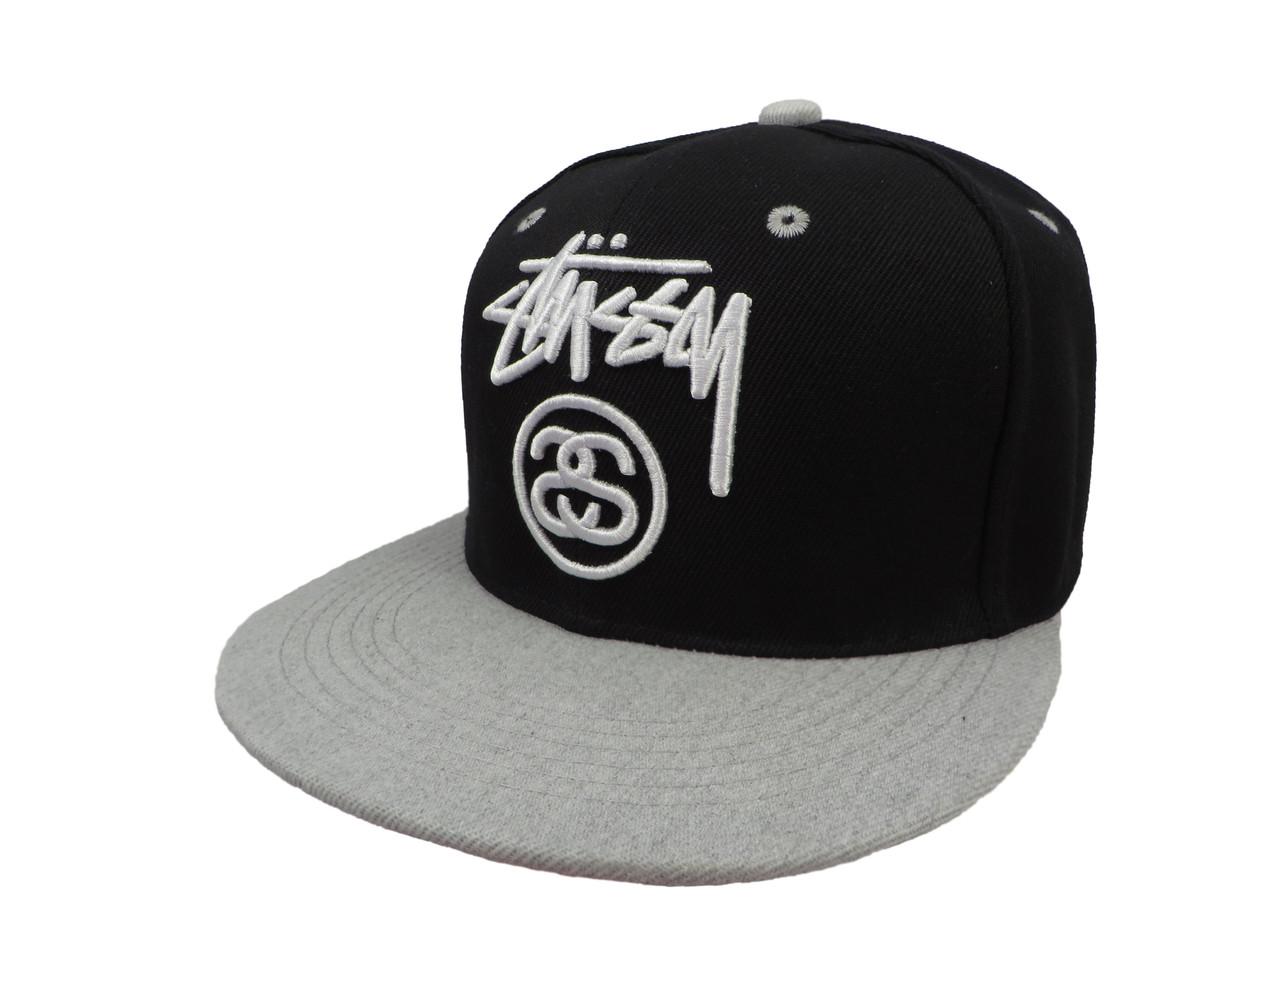 Черная кепка Stussy с серым козырьком (реплика)